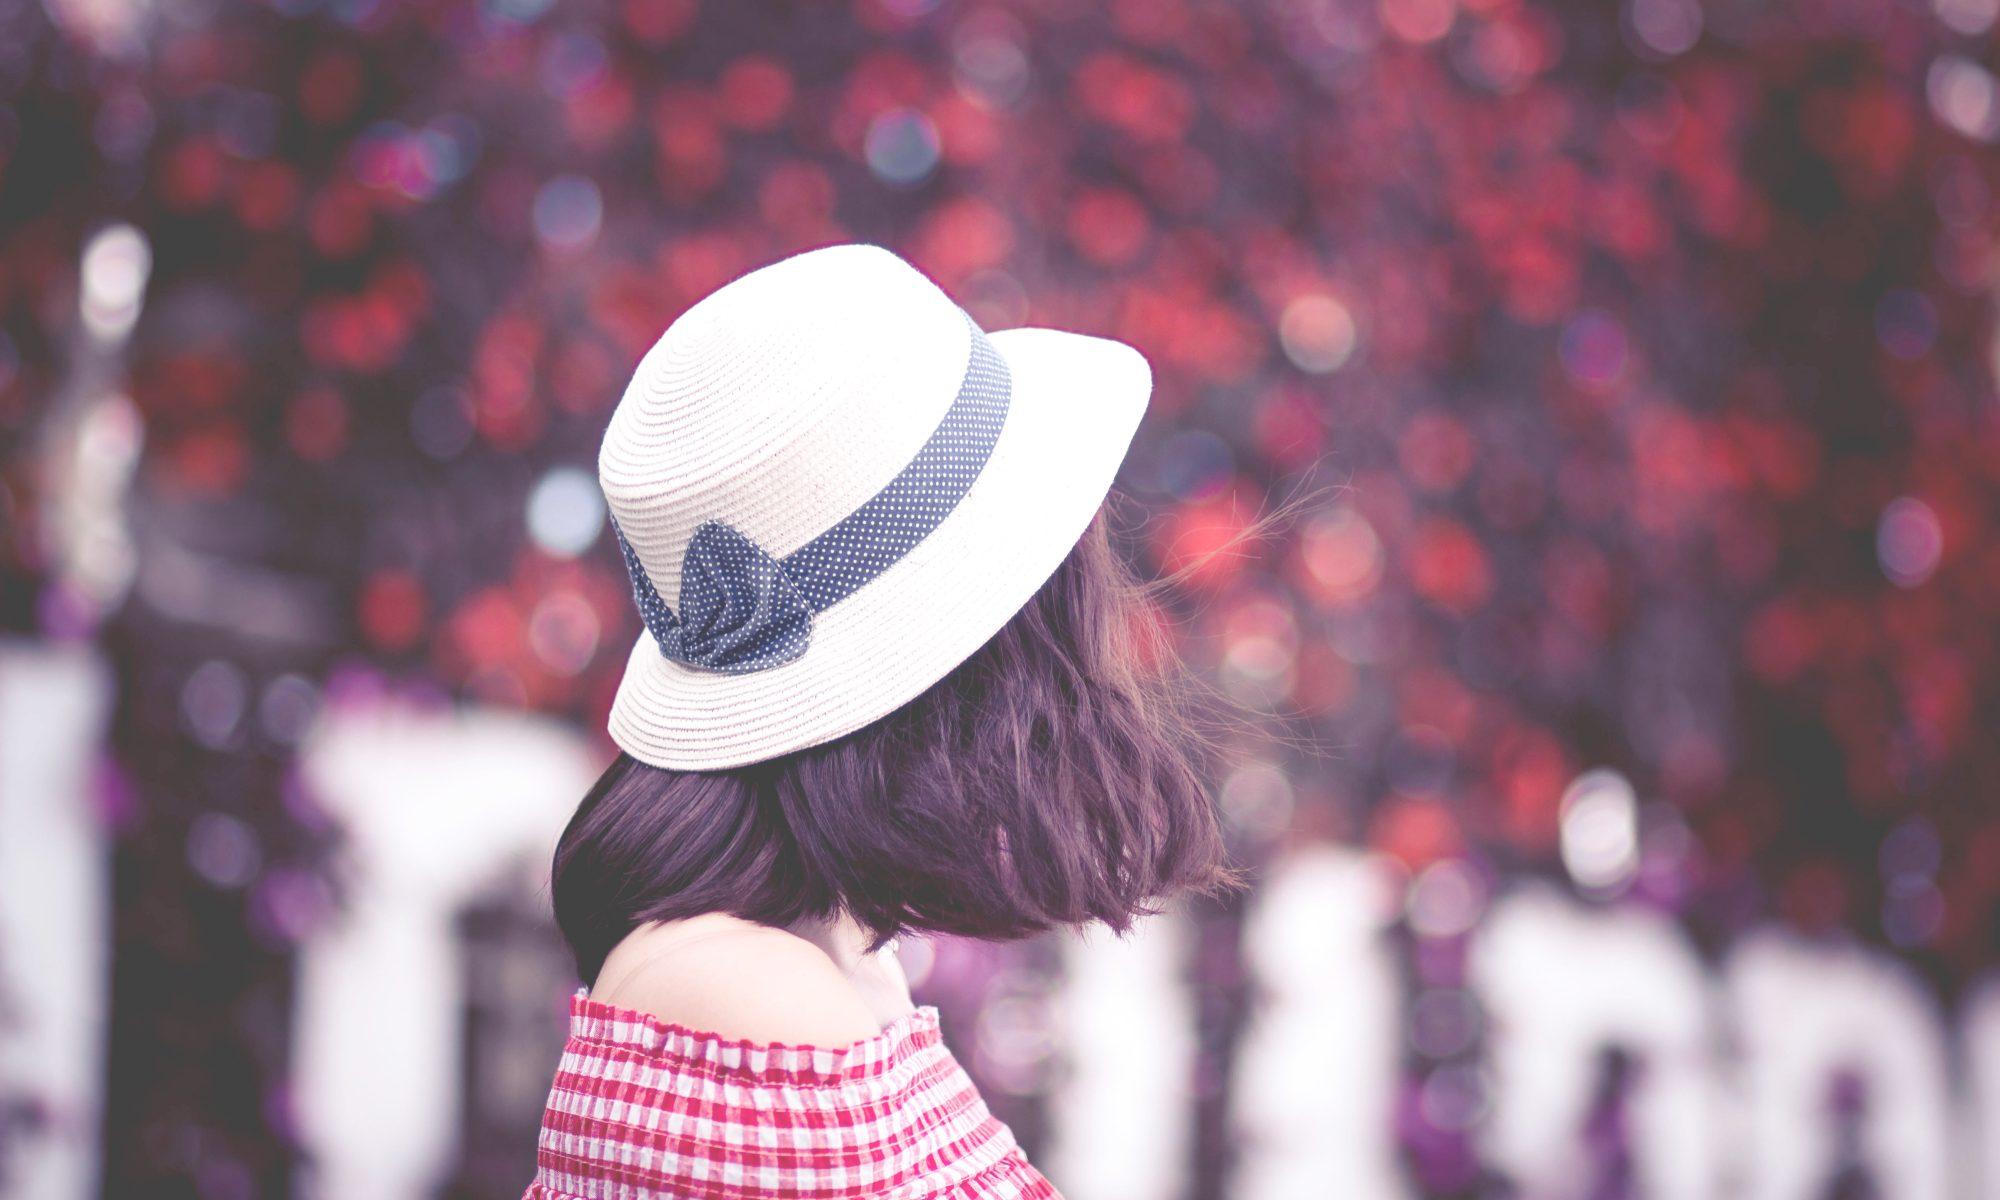 「好きになってもらうには?」好きな人の《好みのタイプ》を知る方法!あの人の「理想の恋人像」を意識することが両思いへのポイント